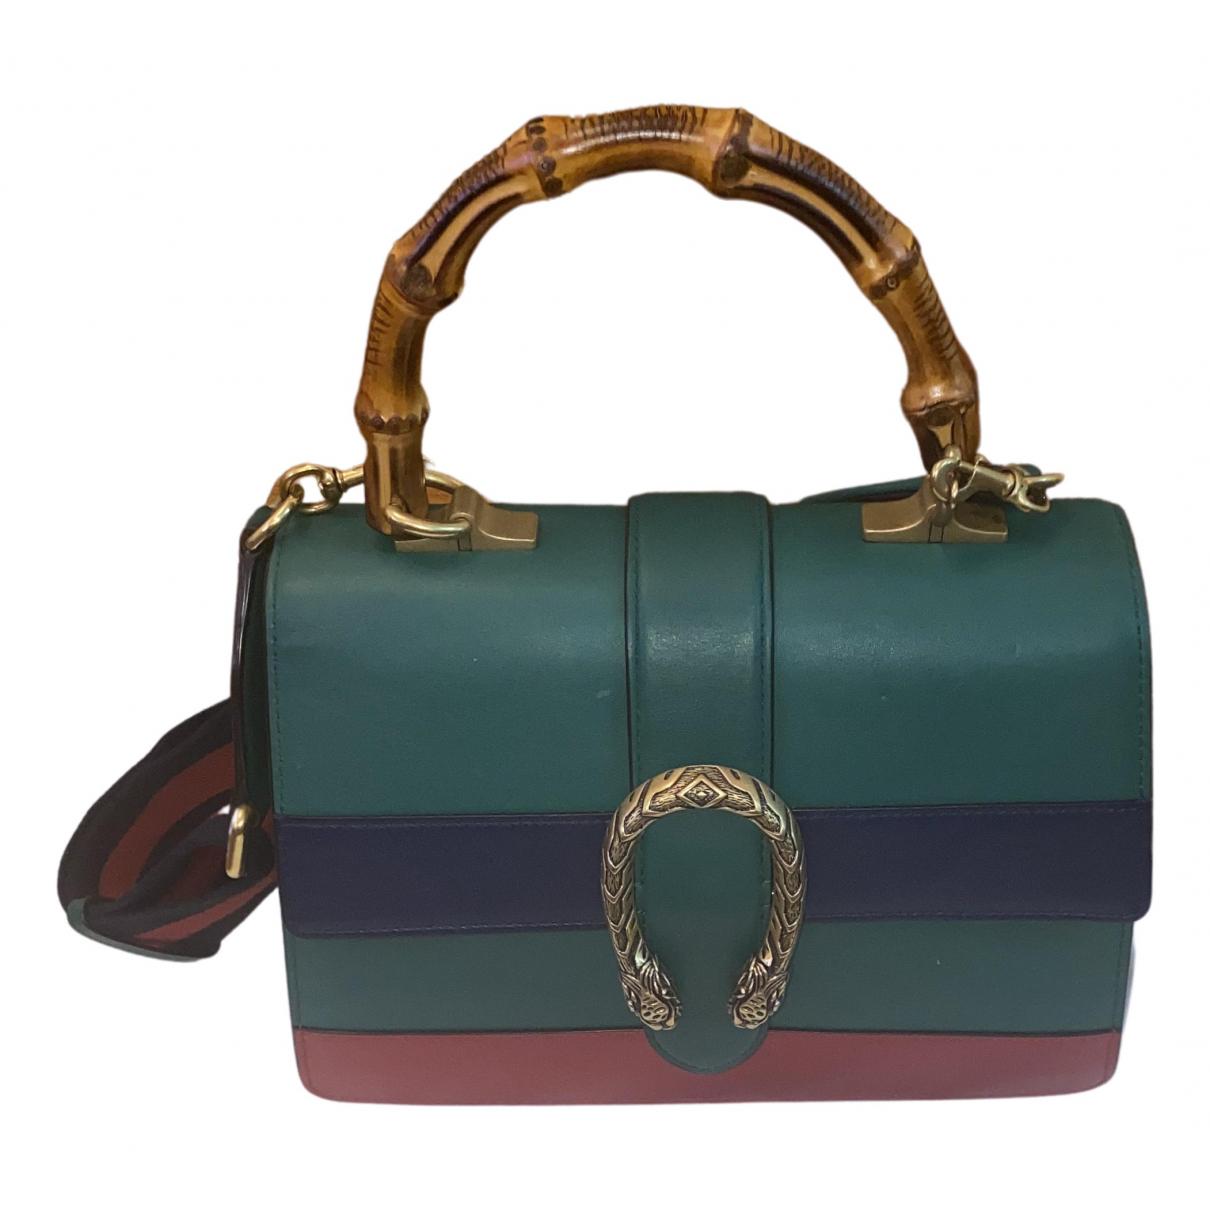 Gucci Dionysus Handtasche in  Gruen Leder